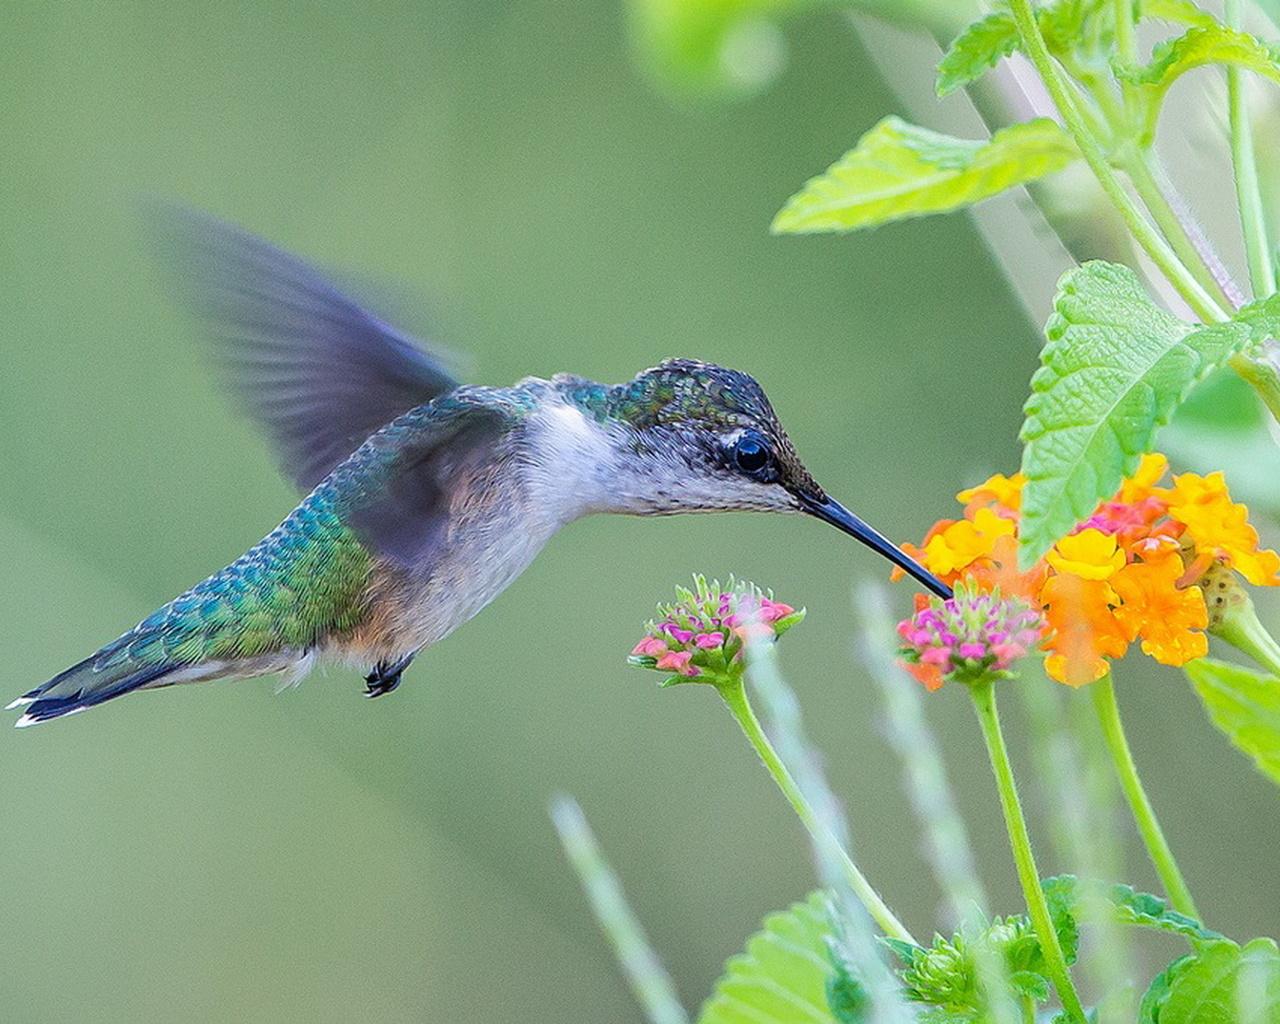 птица, красота, птицы мира, колибри, полет, природа